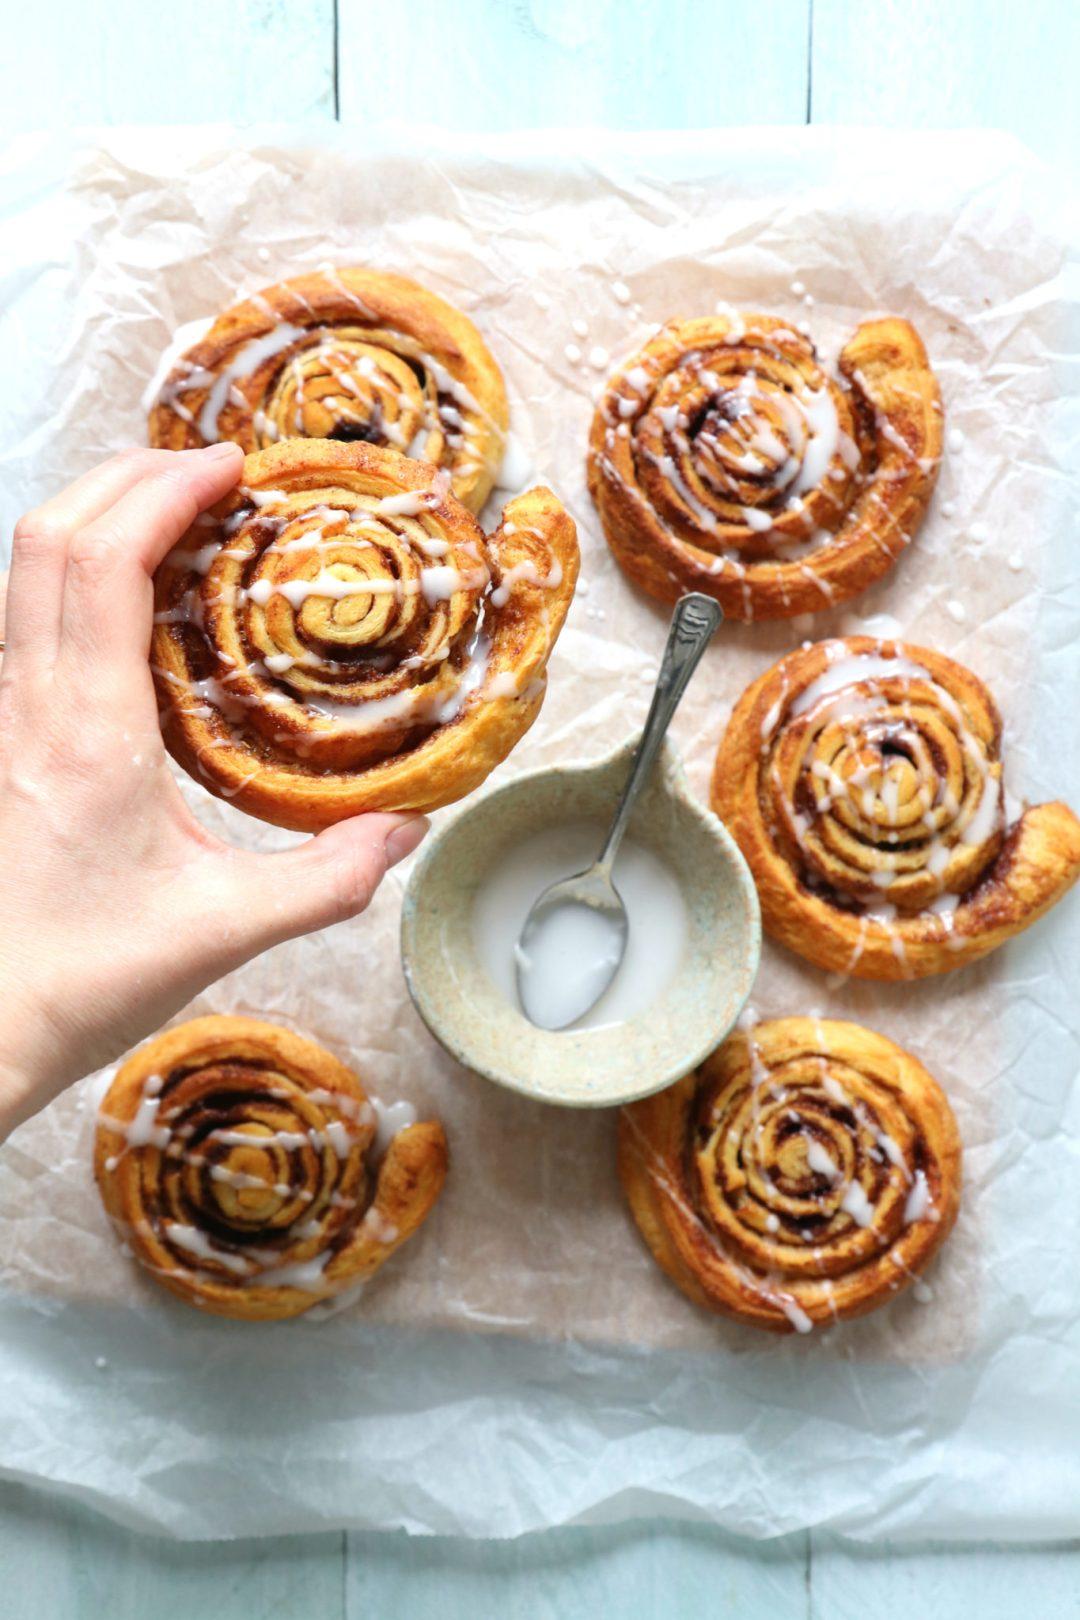 Recept cinnamon rolls - kaneelbroodjes www.jaimyskitchen.nl